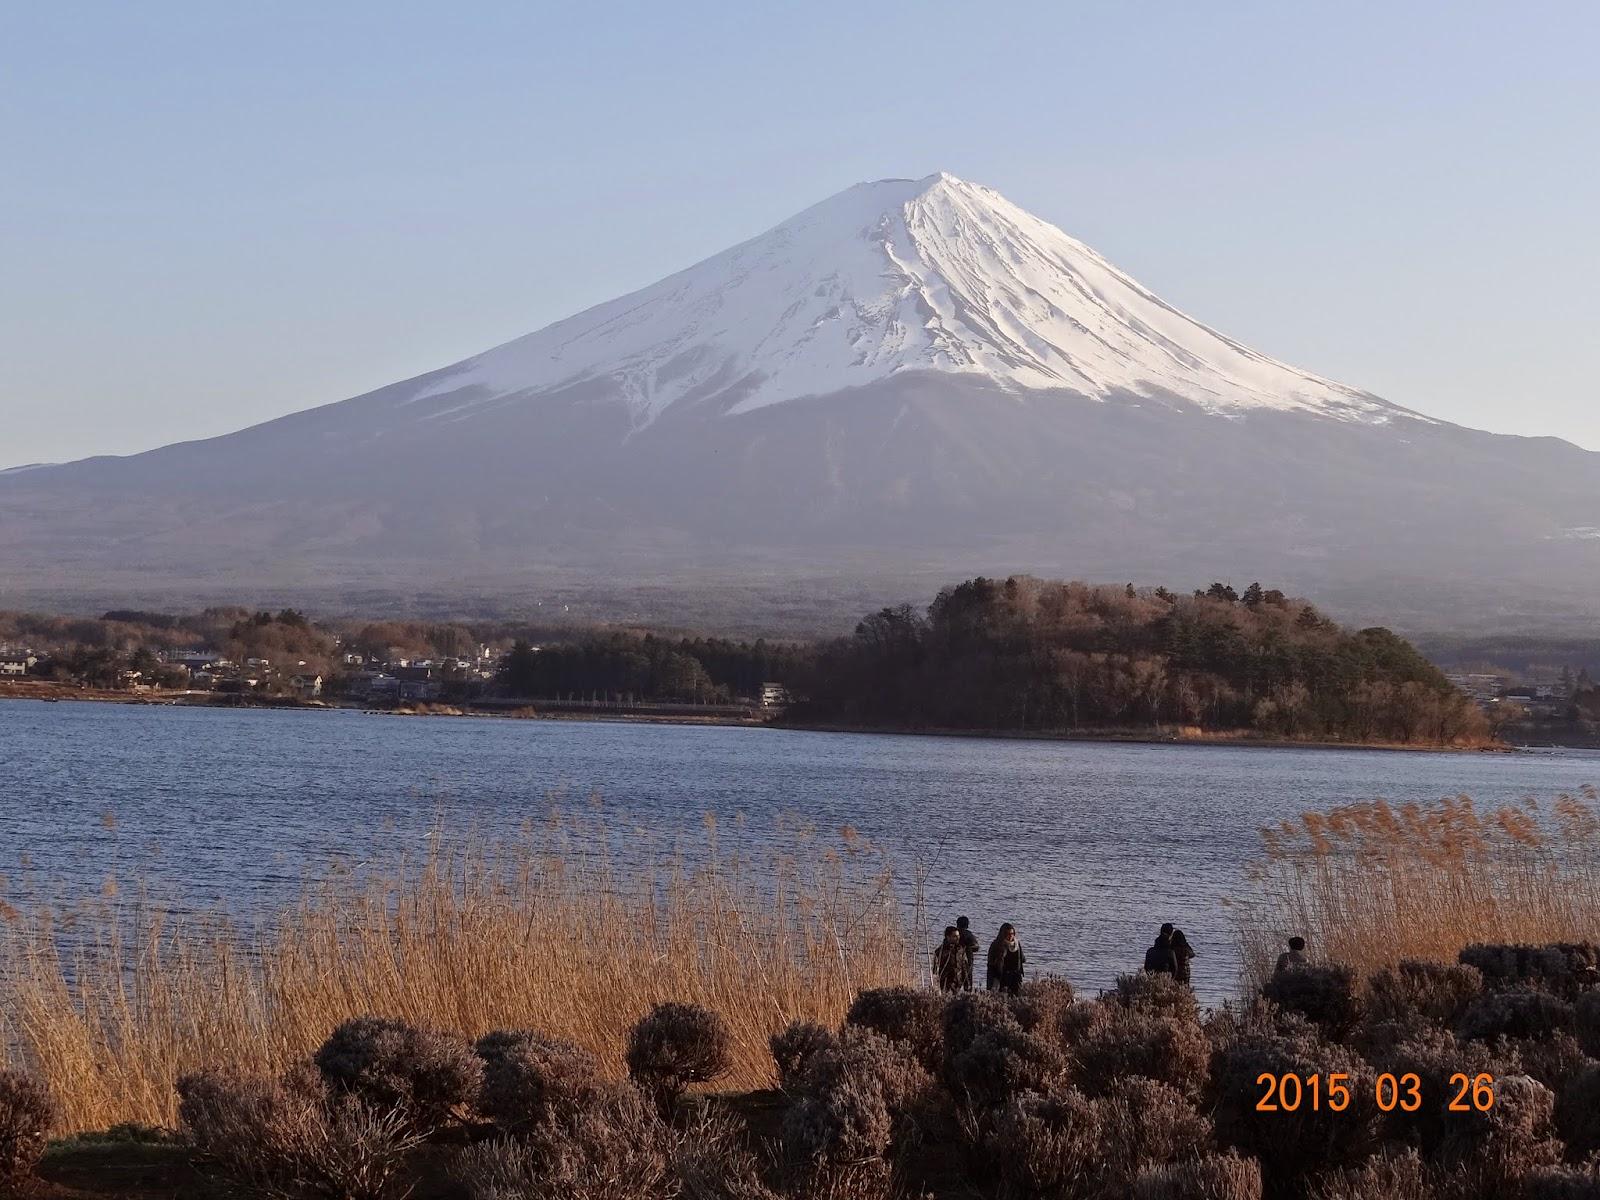 H&D幸福小屋: 2015年日本東北.東京.河口湖自由行(58)最美的富士山在大石公園